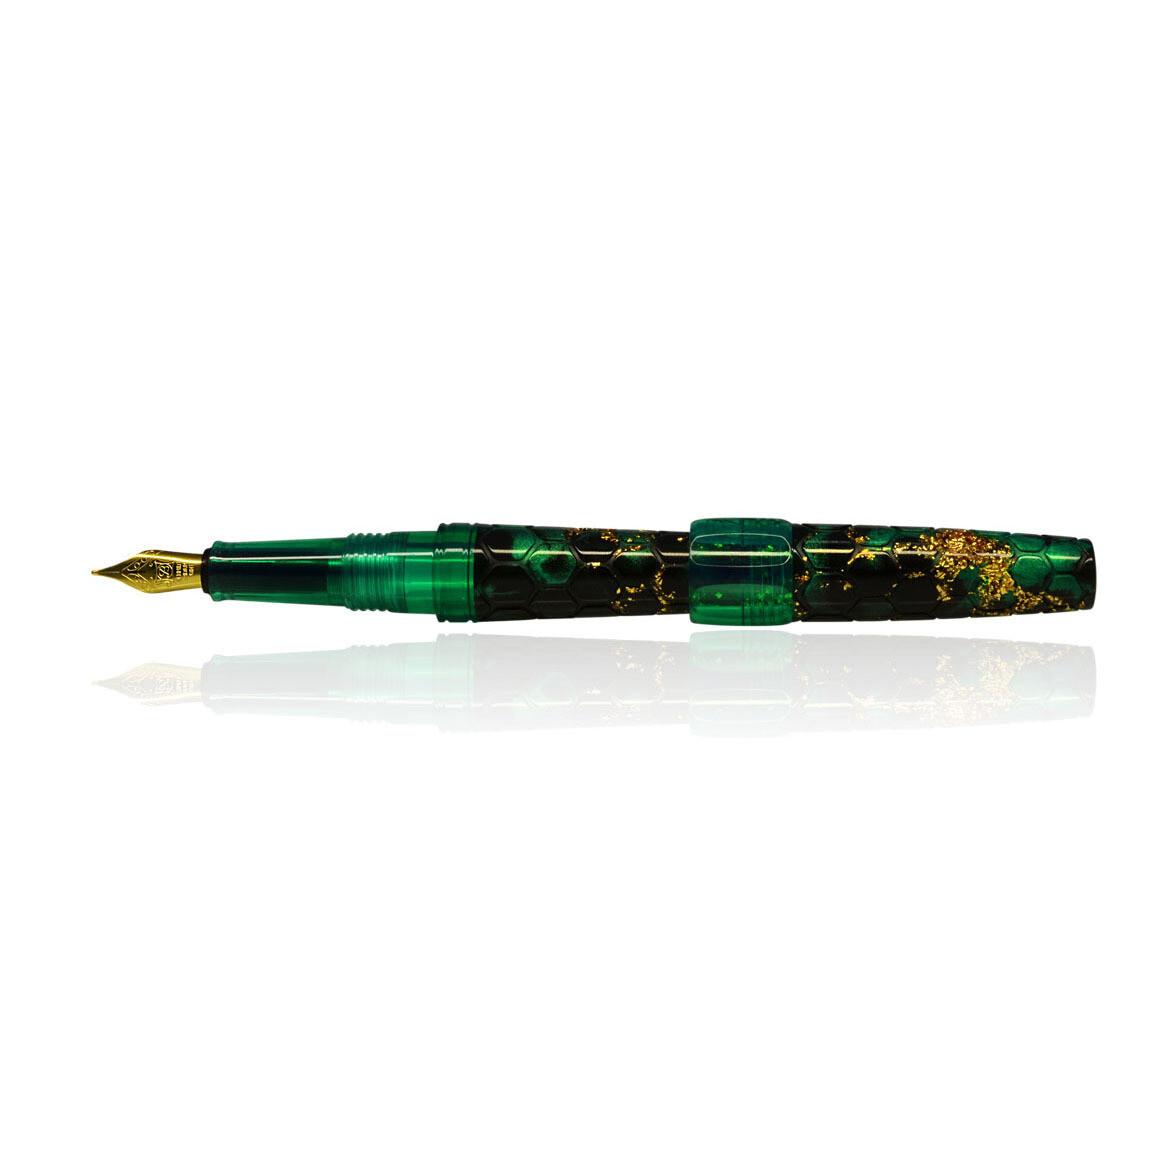 HEXAGON-E | Fountain pen